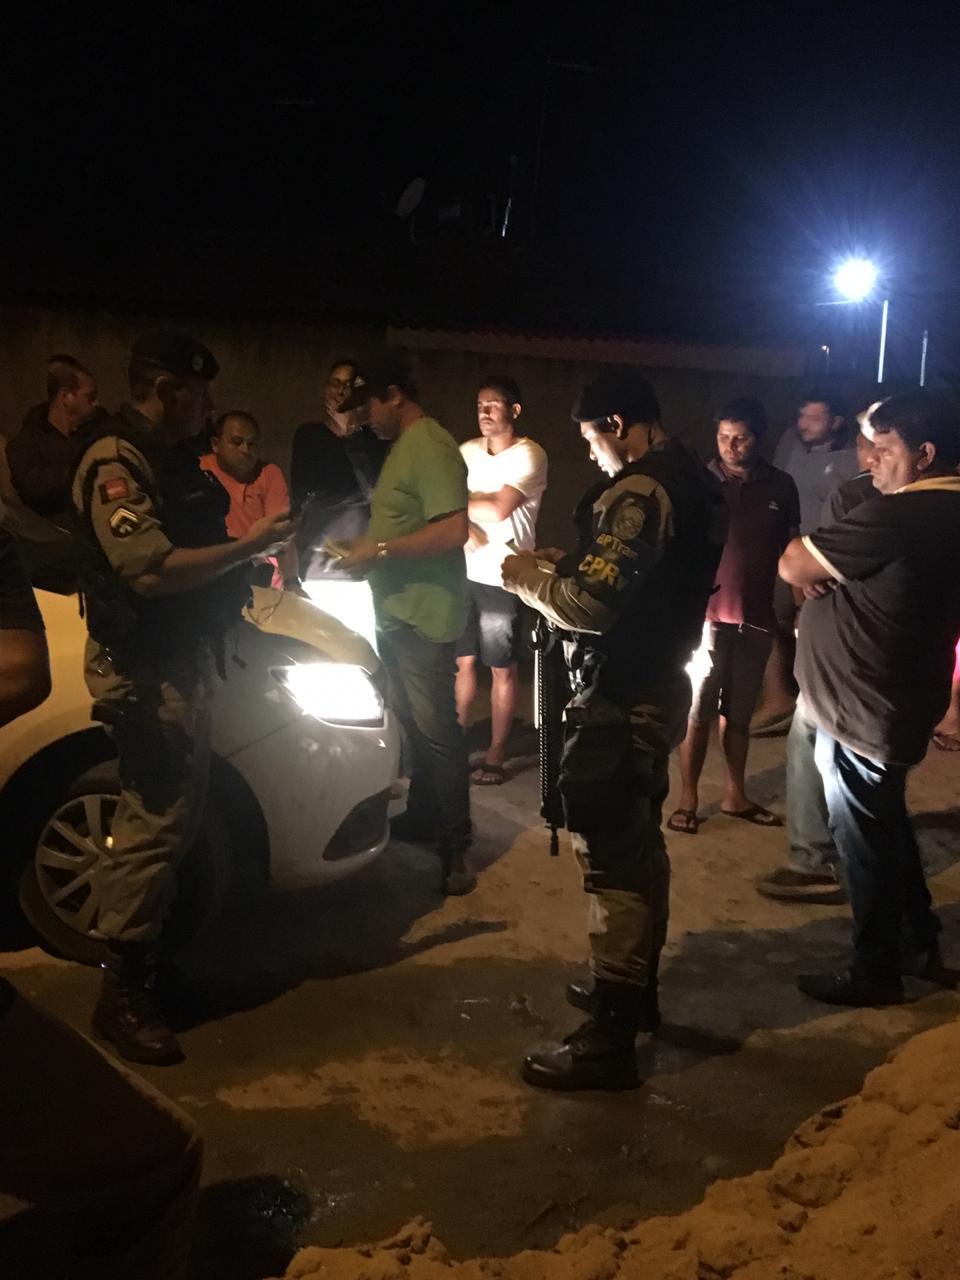 Presidente da Câmara de Mamanguape dirige alcoolizado, bate em carros e é detido pela PM